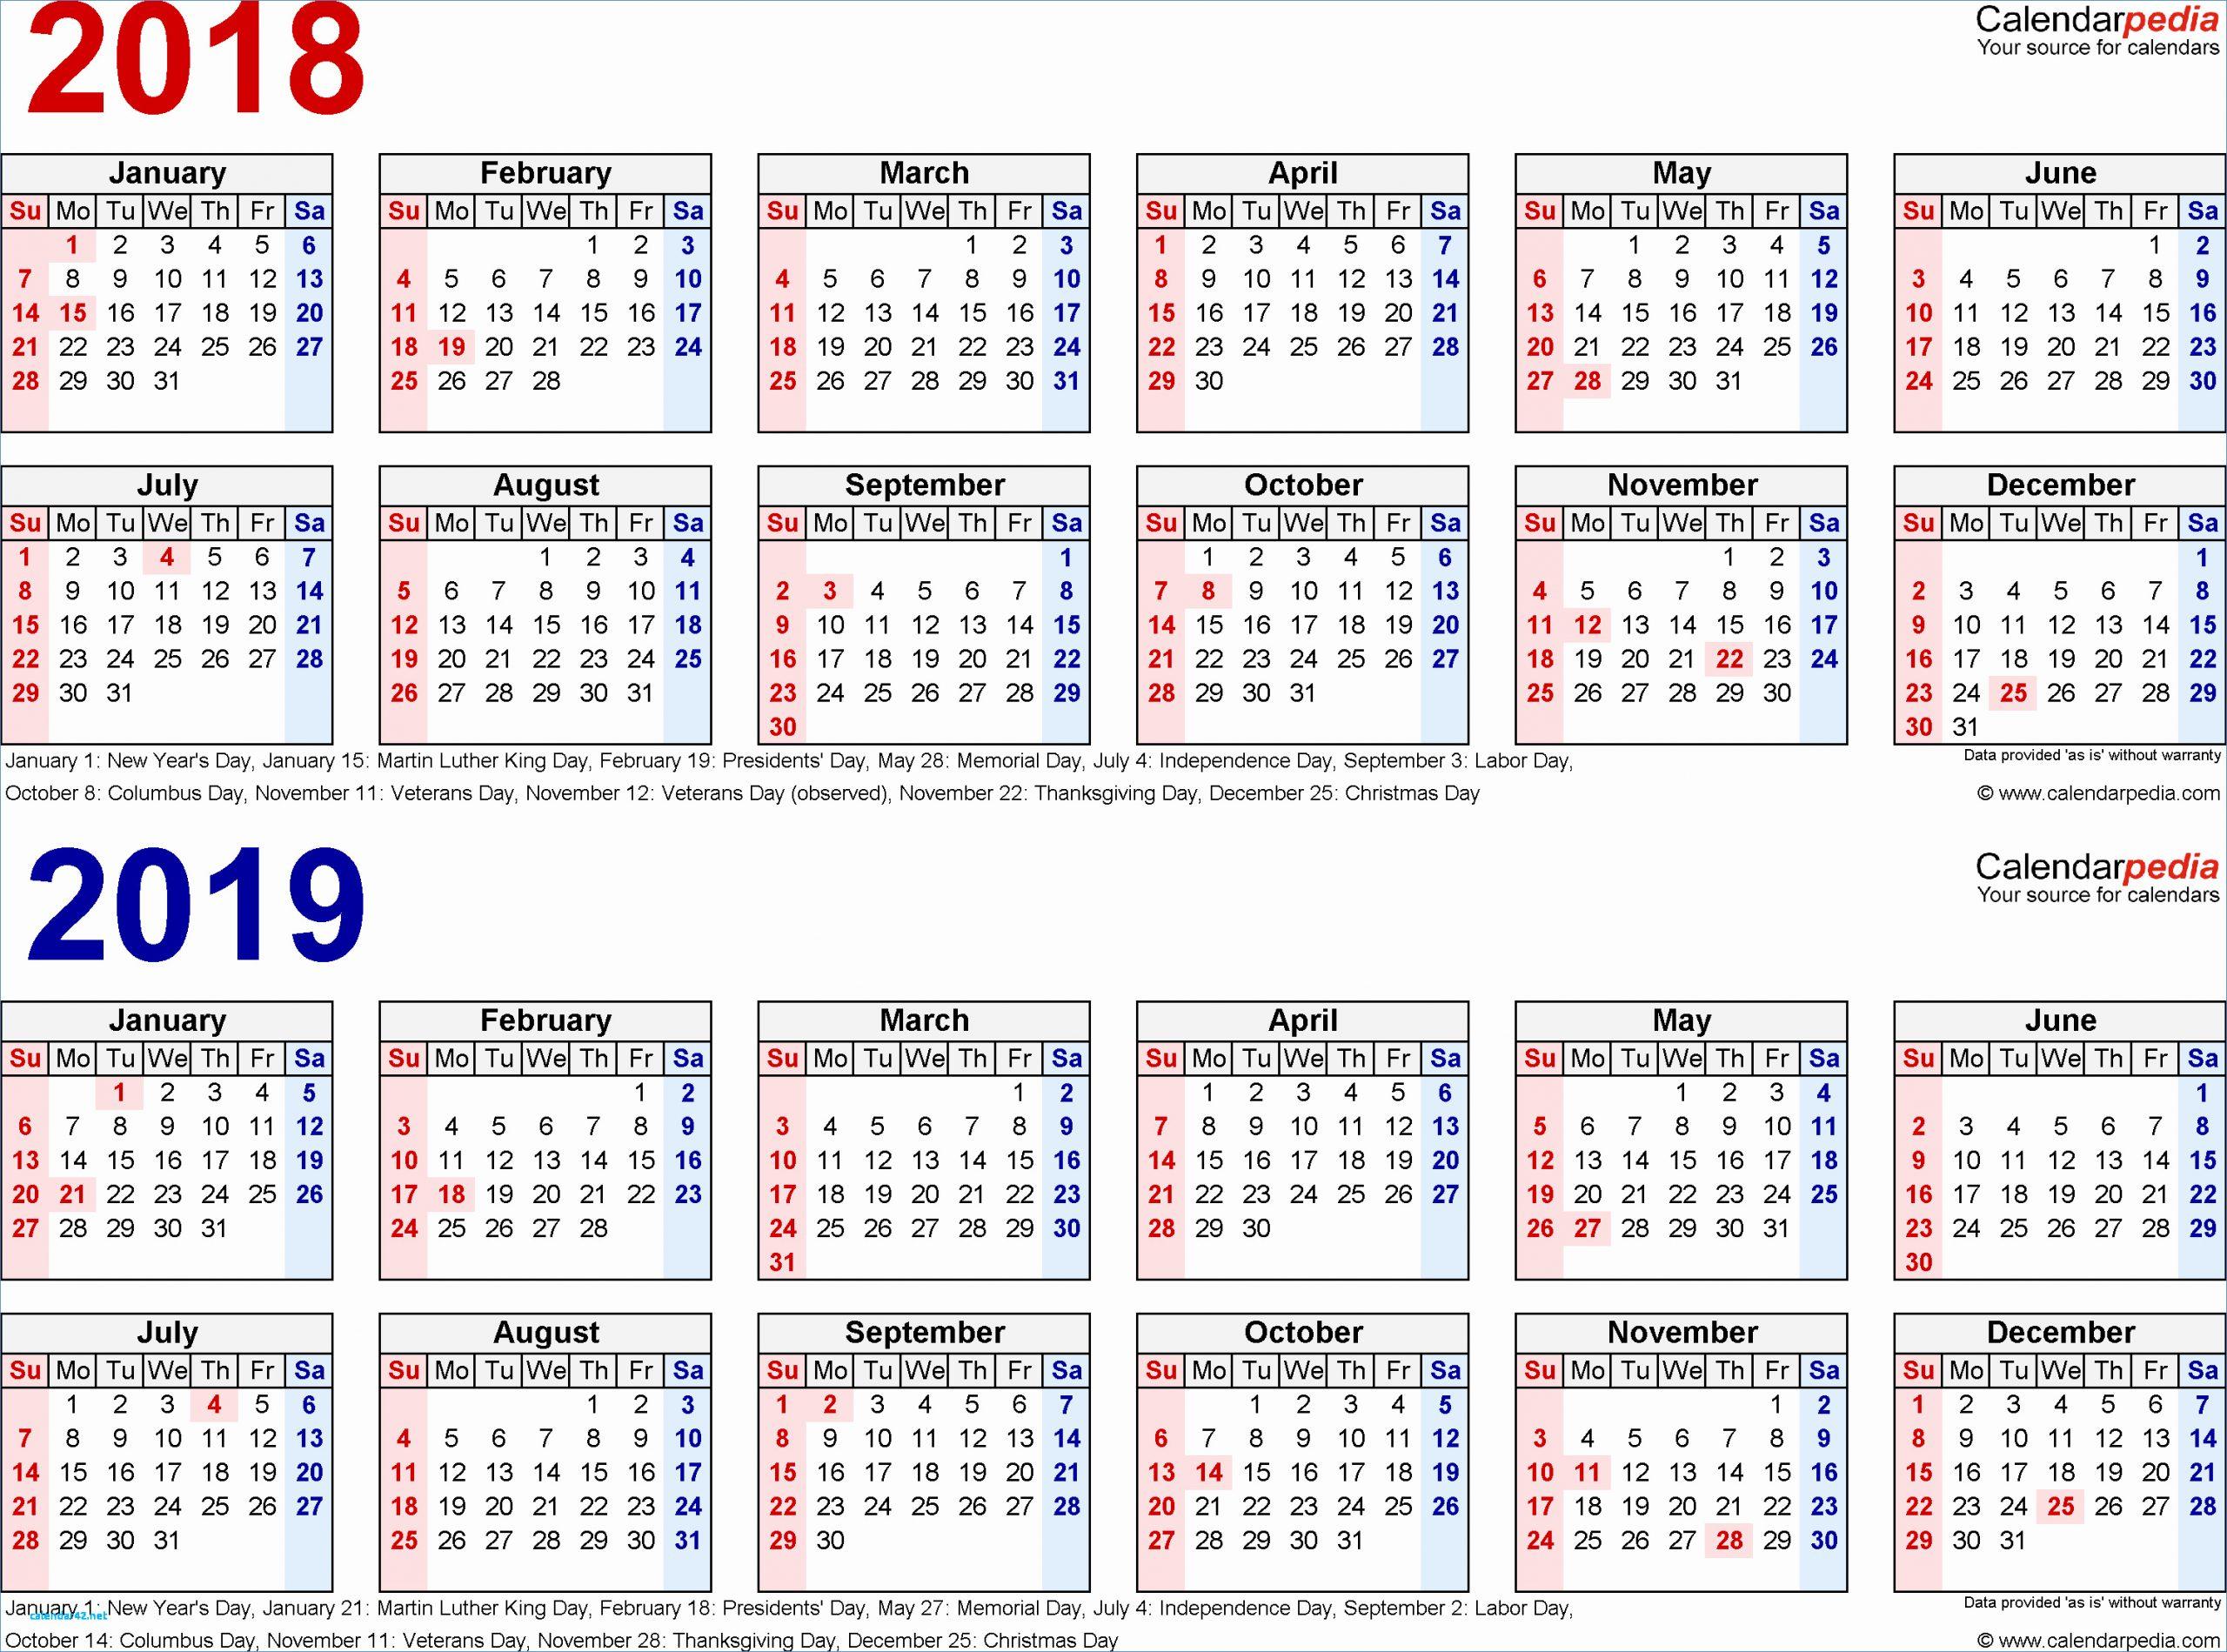 Aramark Holiday Calendar | Payroll Calendars